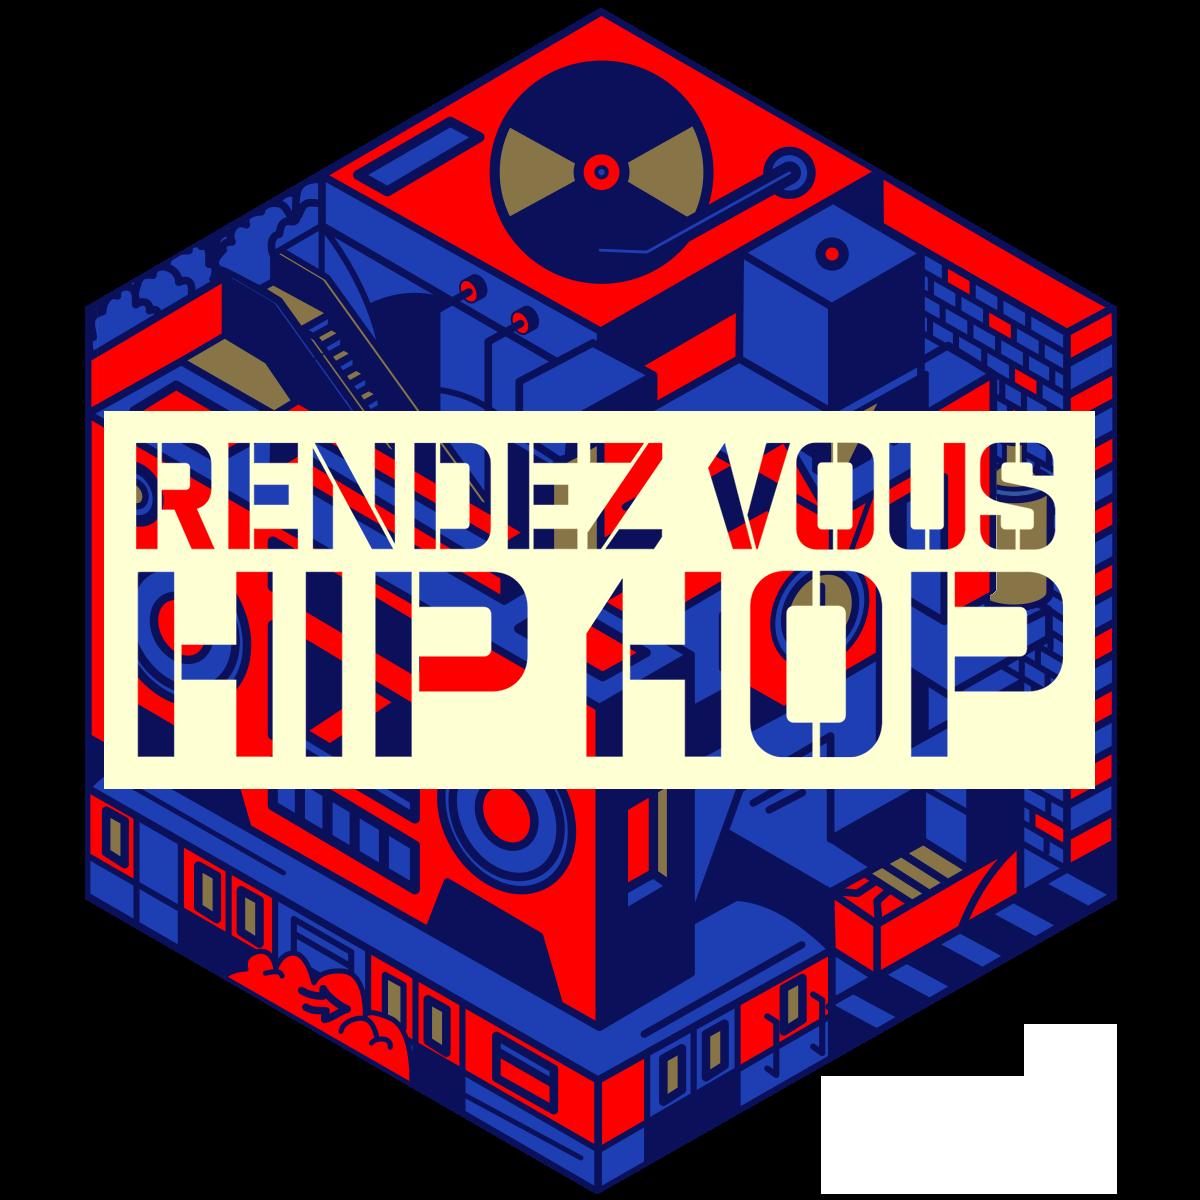 Rendez-vous hip-hop